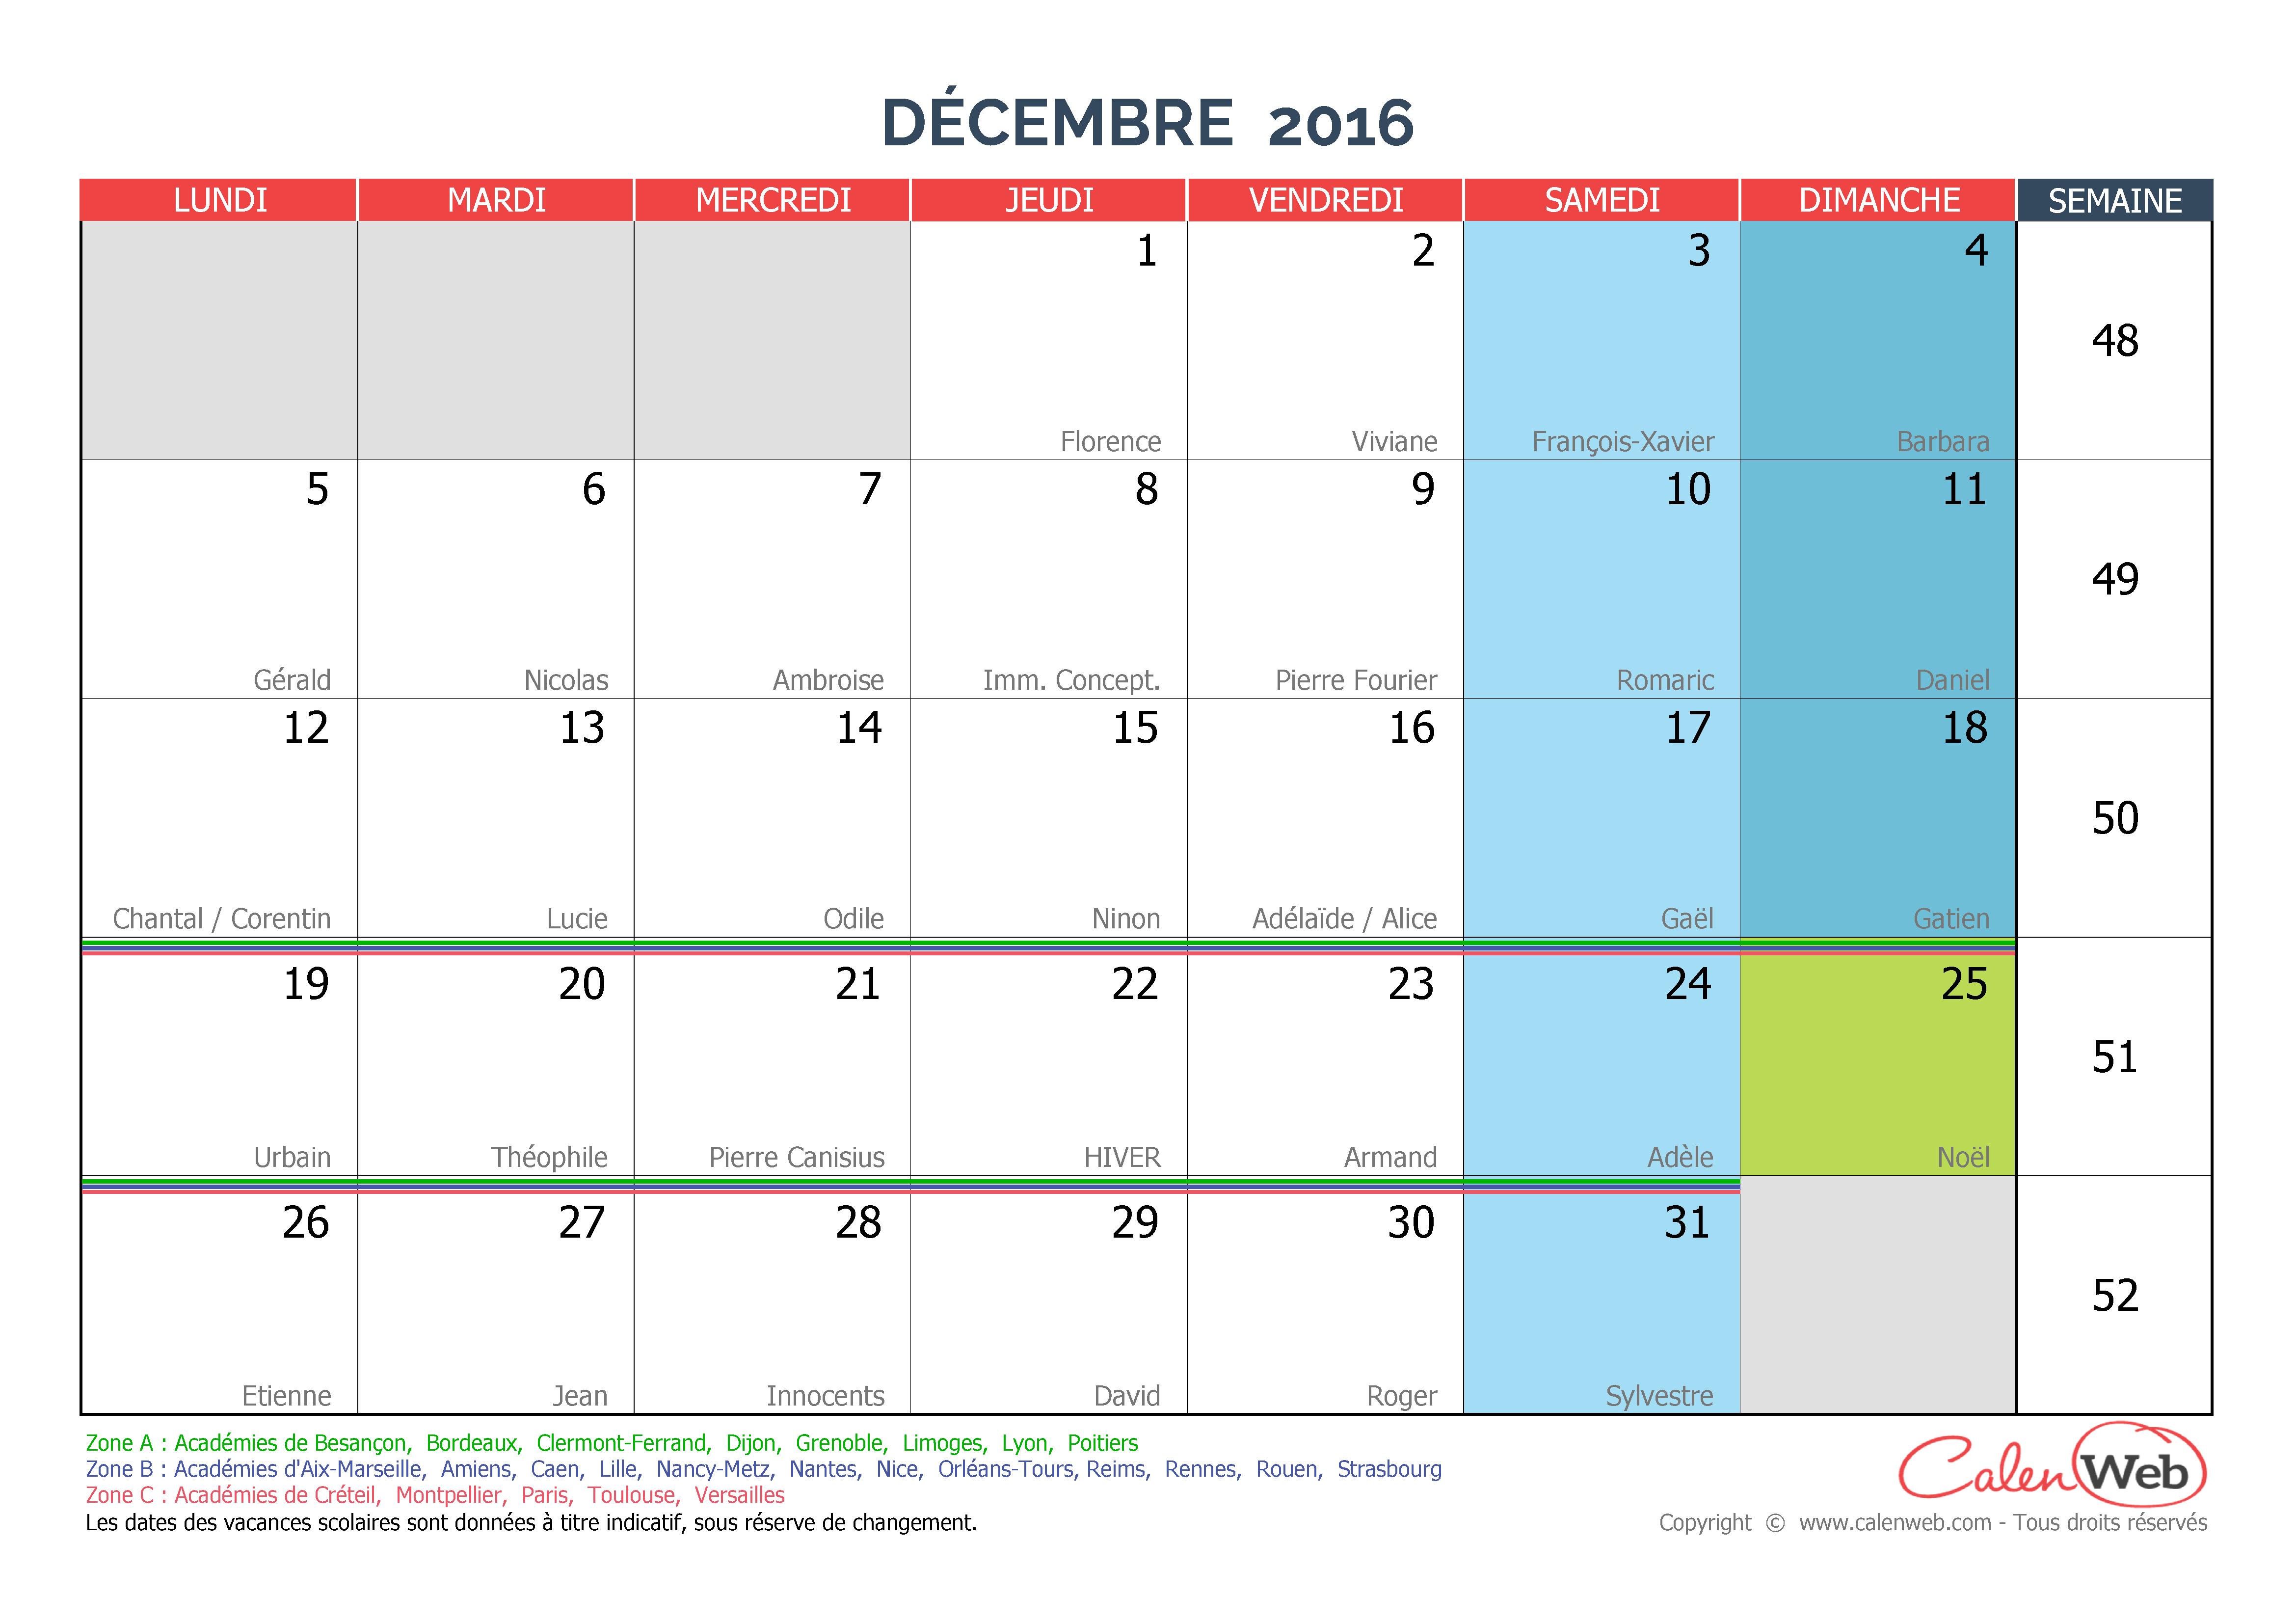 calendrier mensuel mois de d cembre 2016 avec f tes. Black Bedroom Furniture Sets. Home Design Ideas